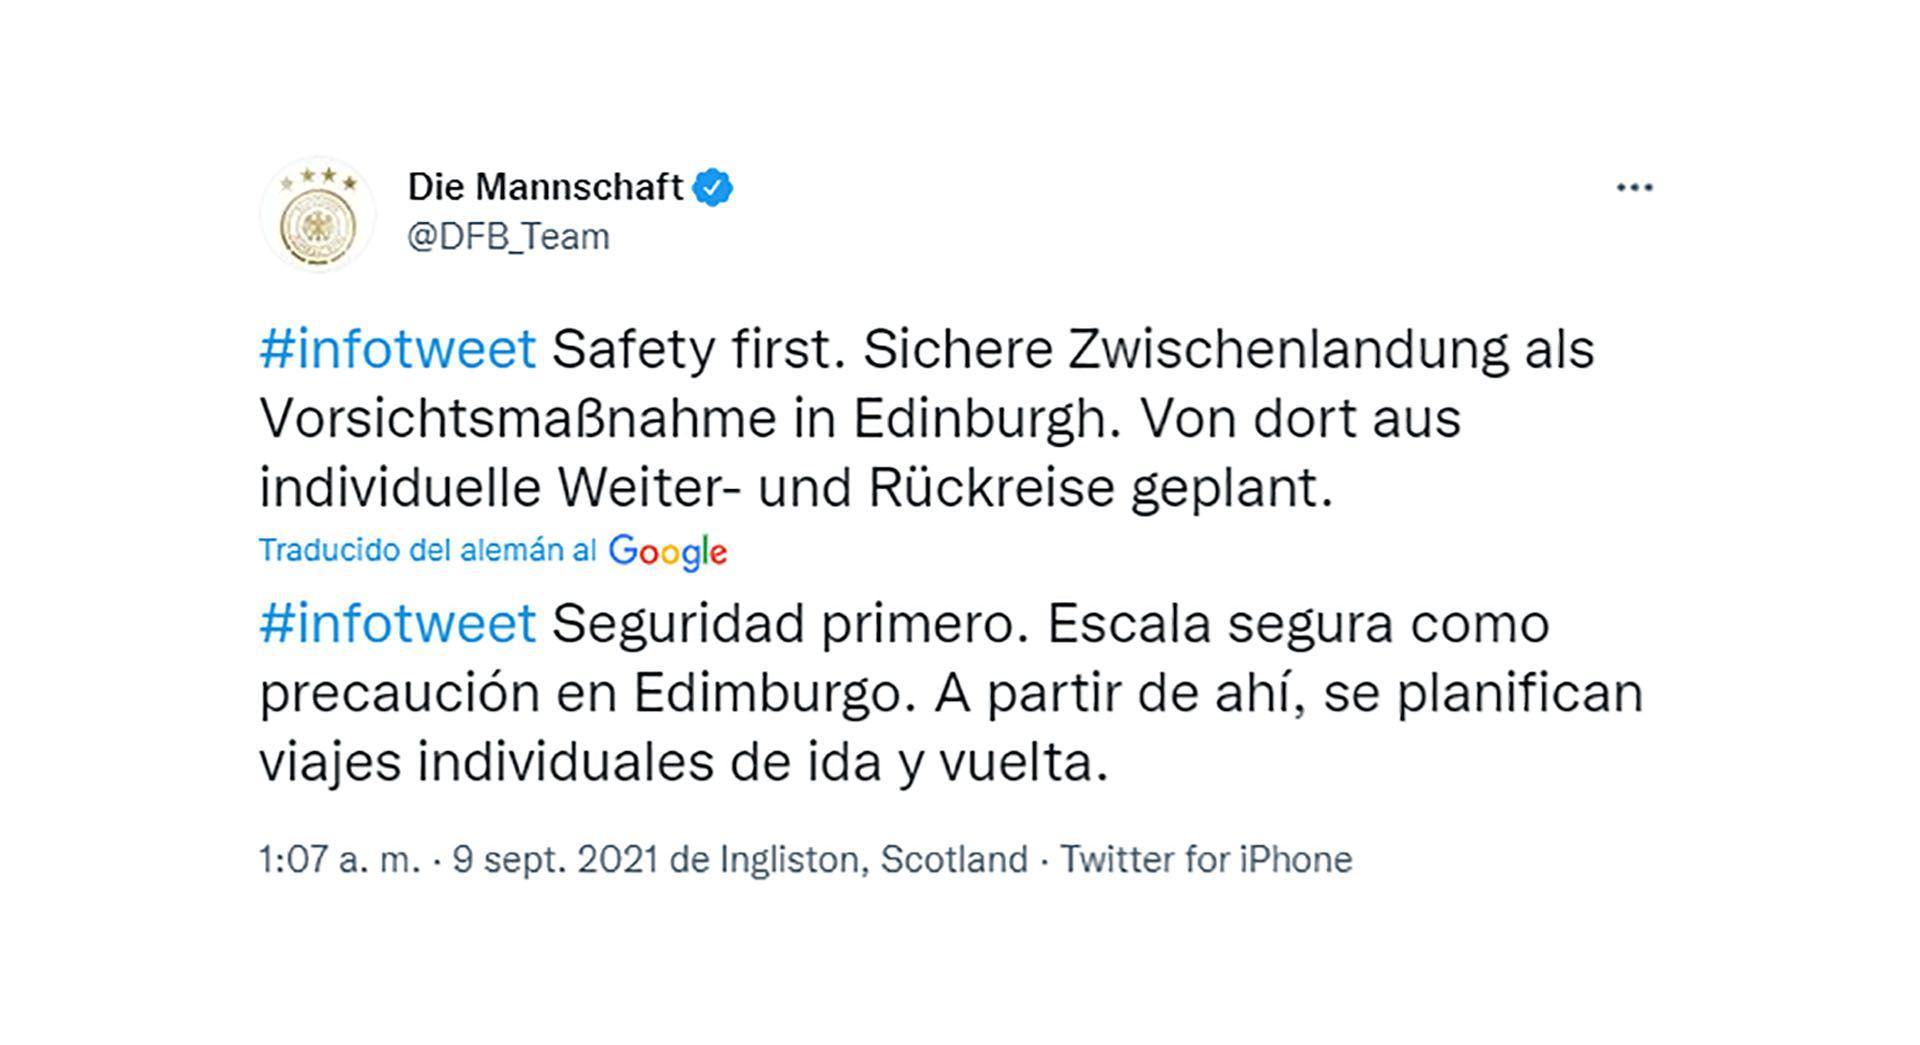 Aterrizaje de emergencia de la selección alemana de fútbol